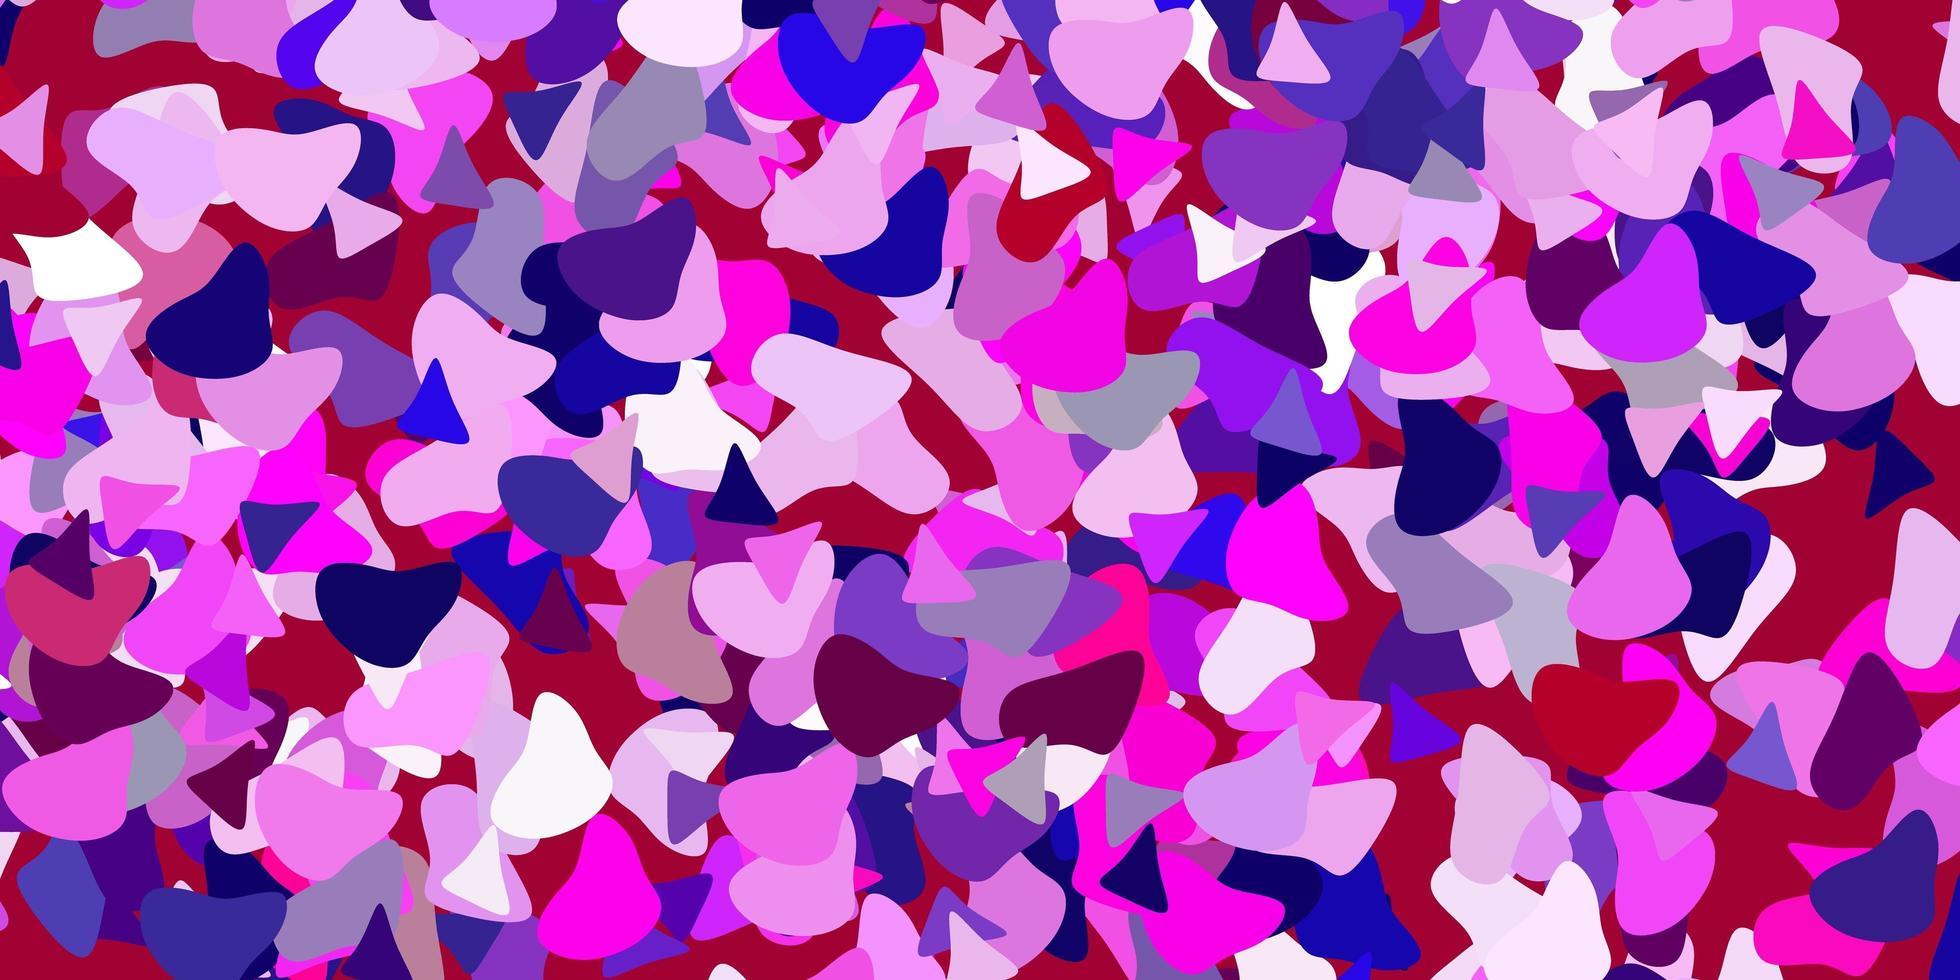 de fundo vector rosa claro roxo com formas aleatórias.